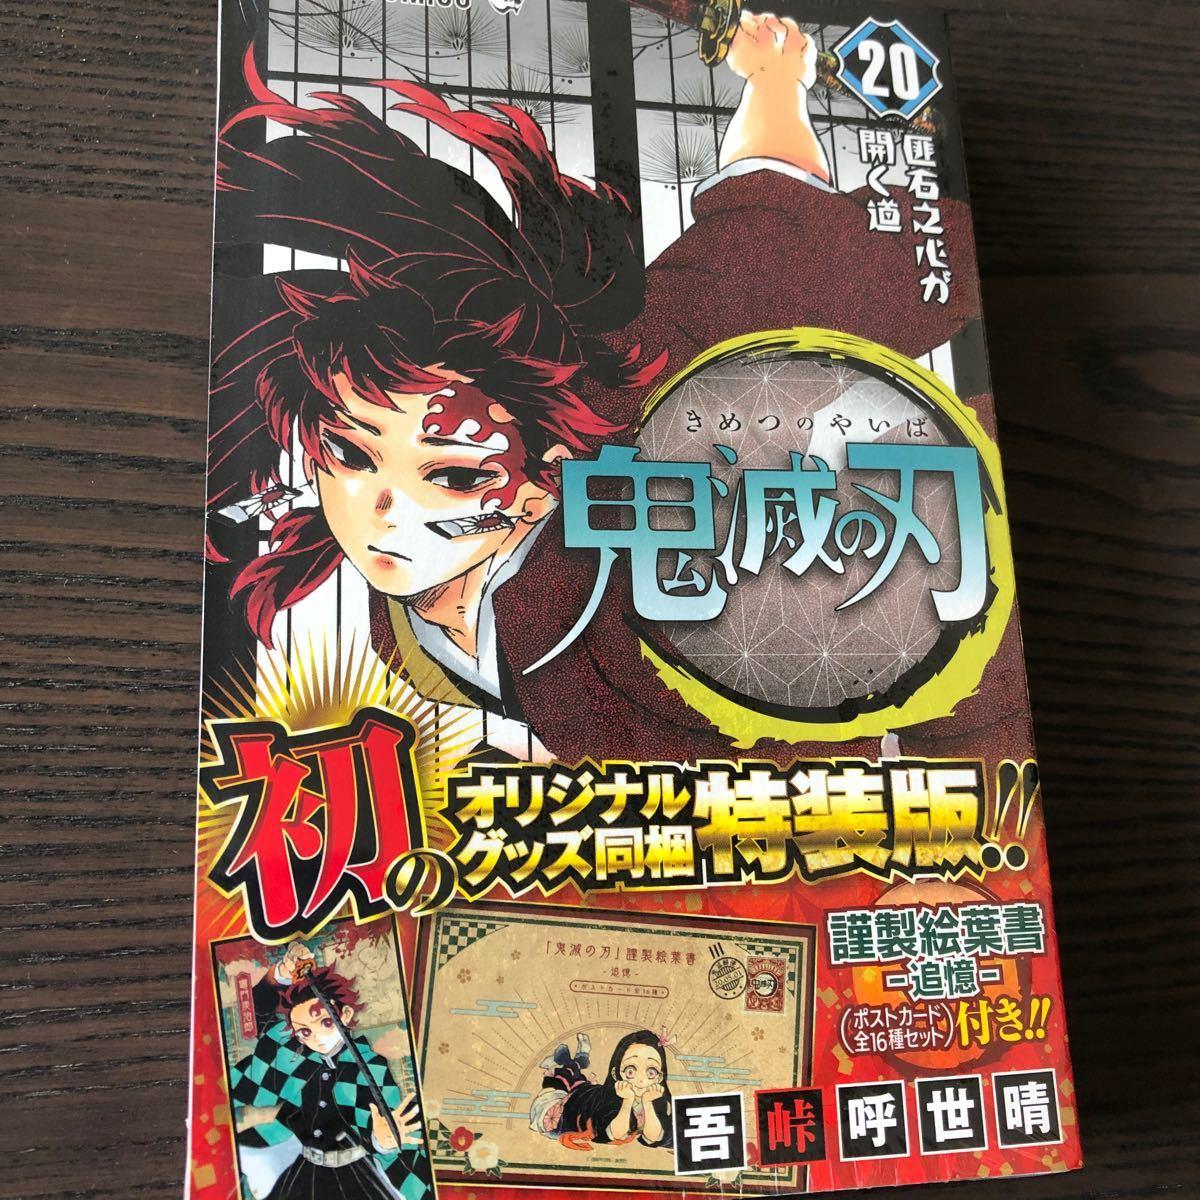 再値下げ☆鬼滅の刃 20 特装版 シュリンク付き おまけポストカード2枚